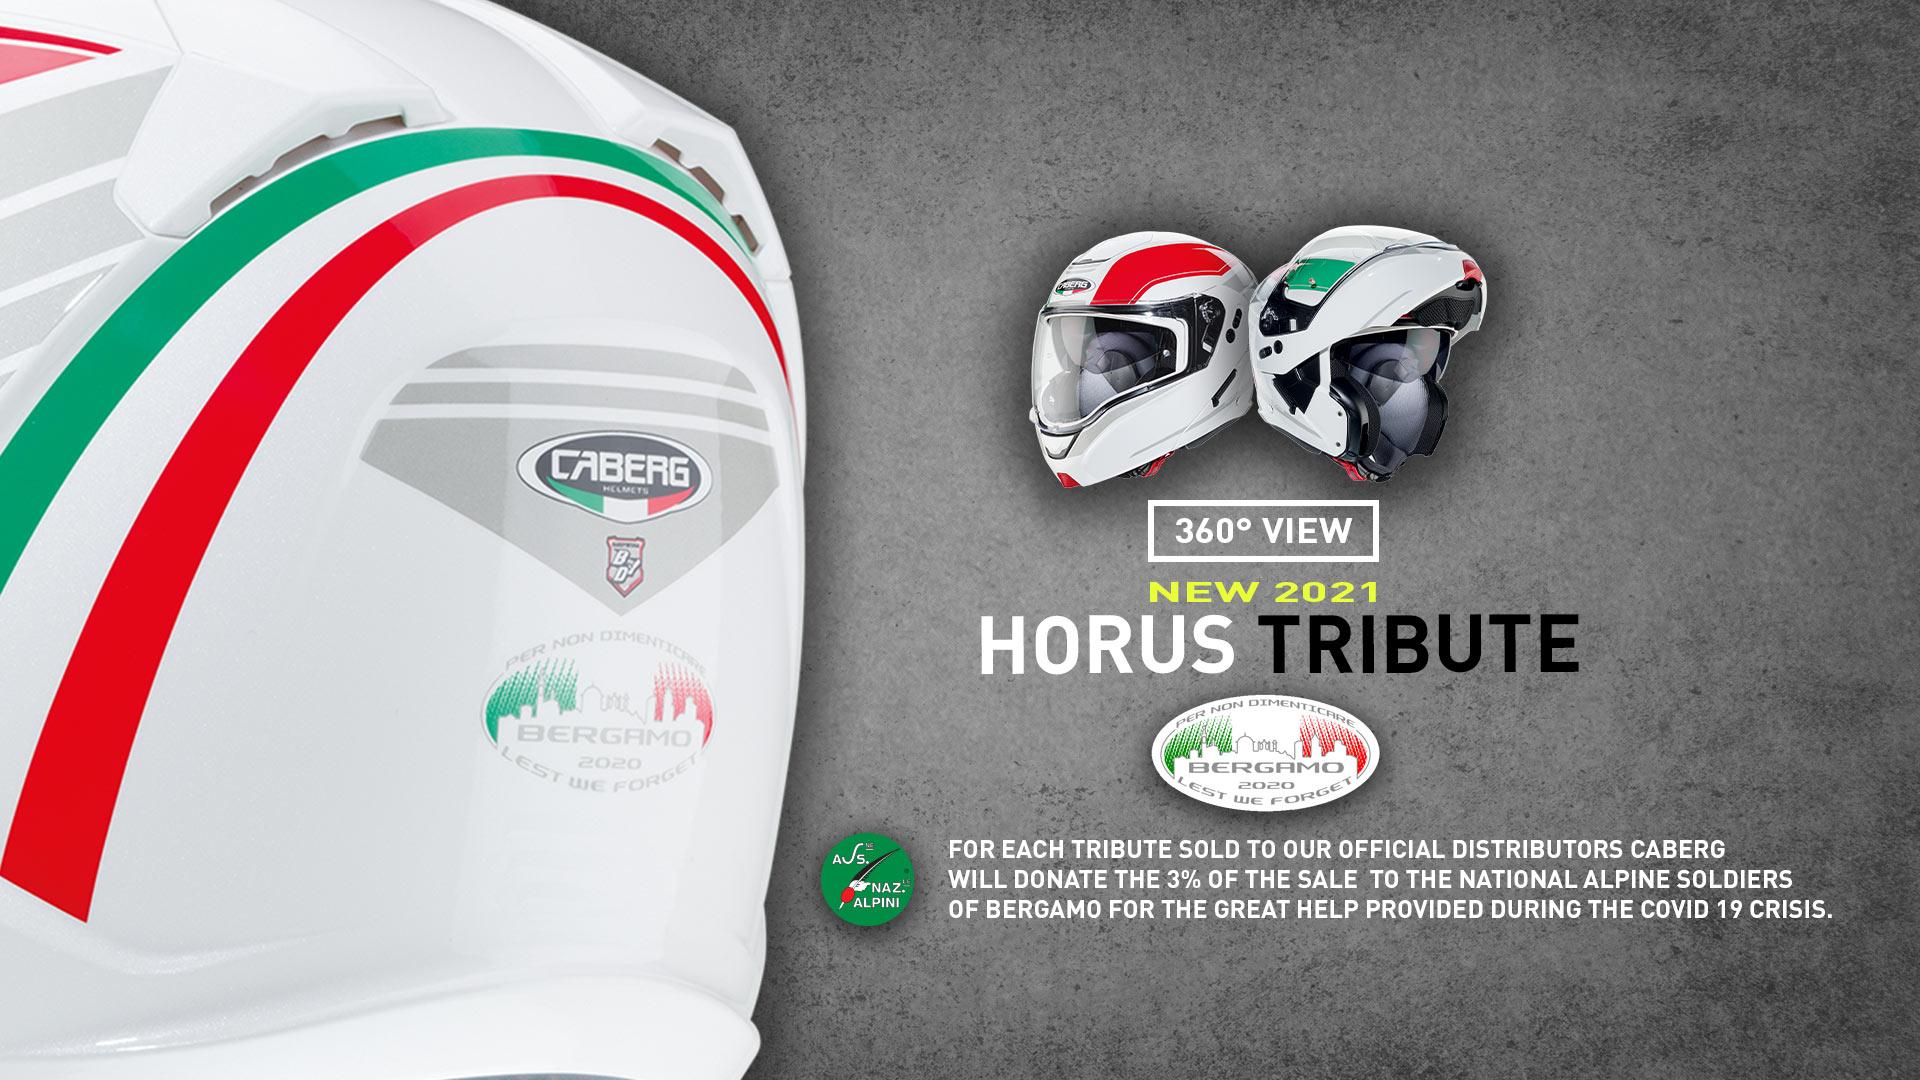 Caberg Horus Tribute